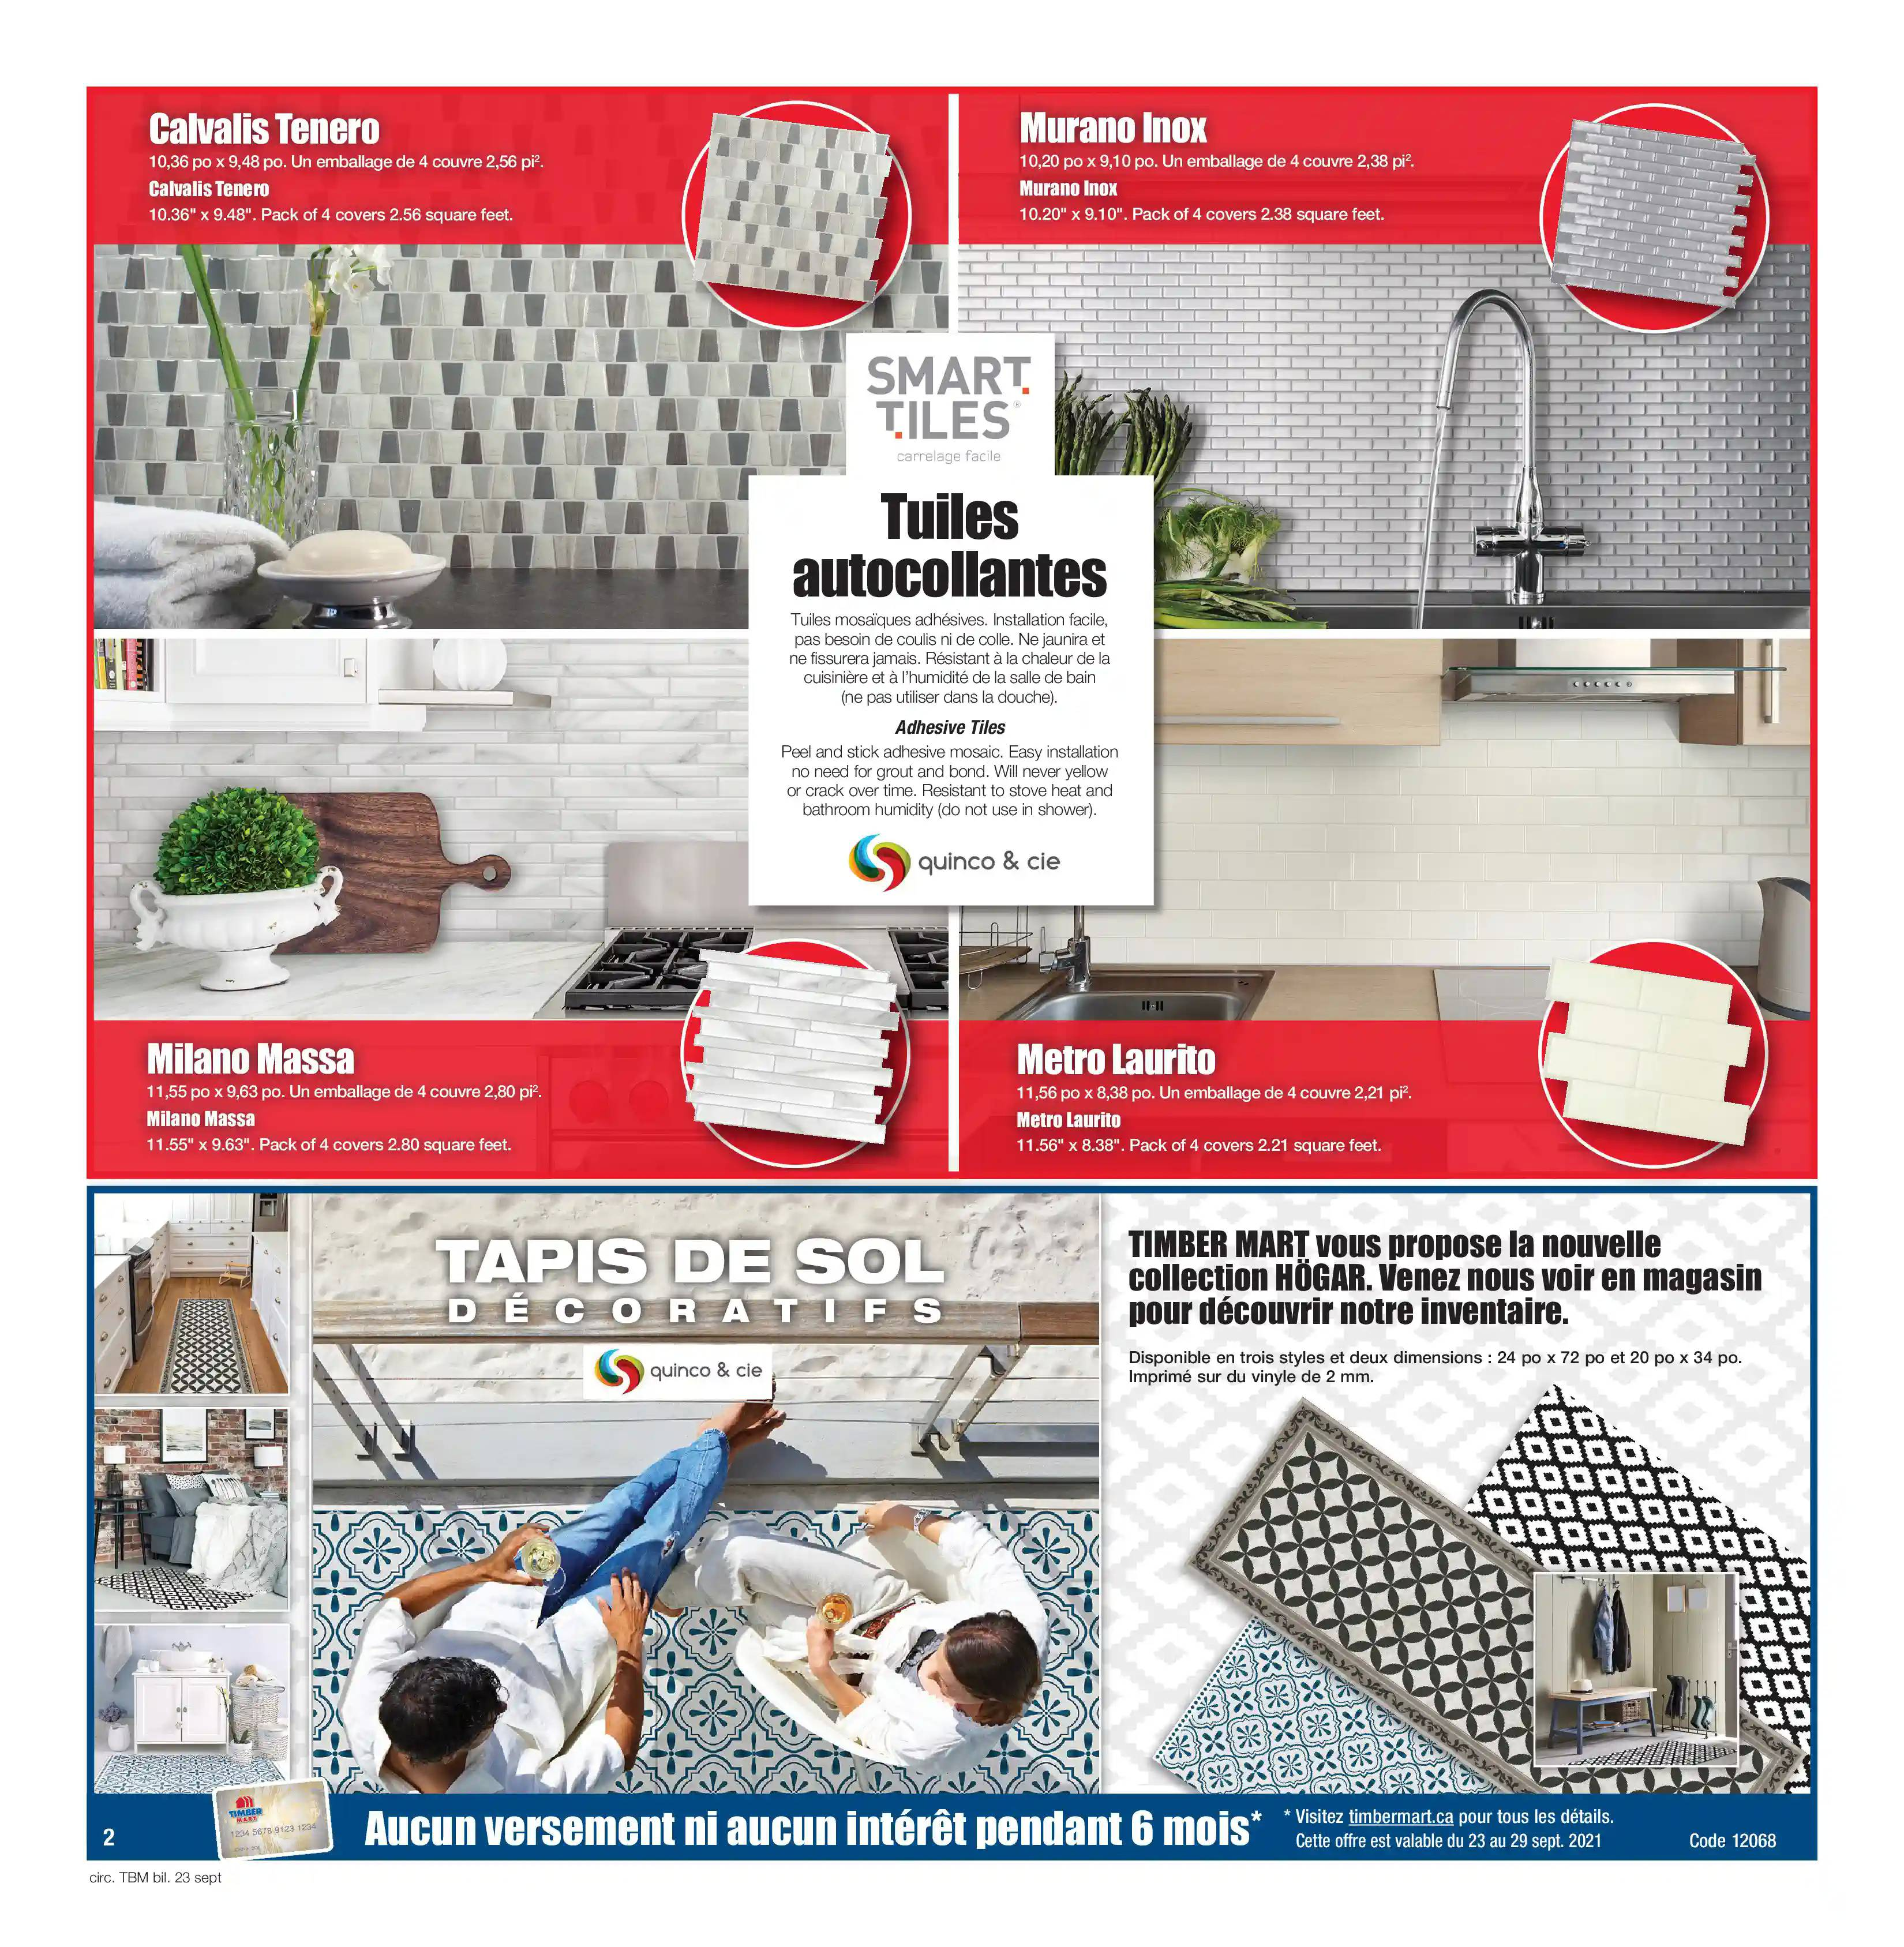 Circulaire Timber Mart du 23 au 29 septembre 2021 - Page 2